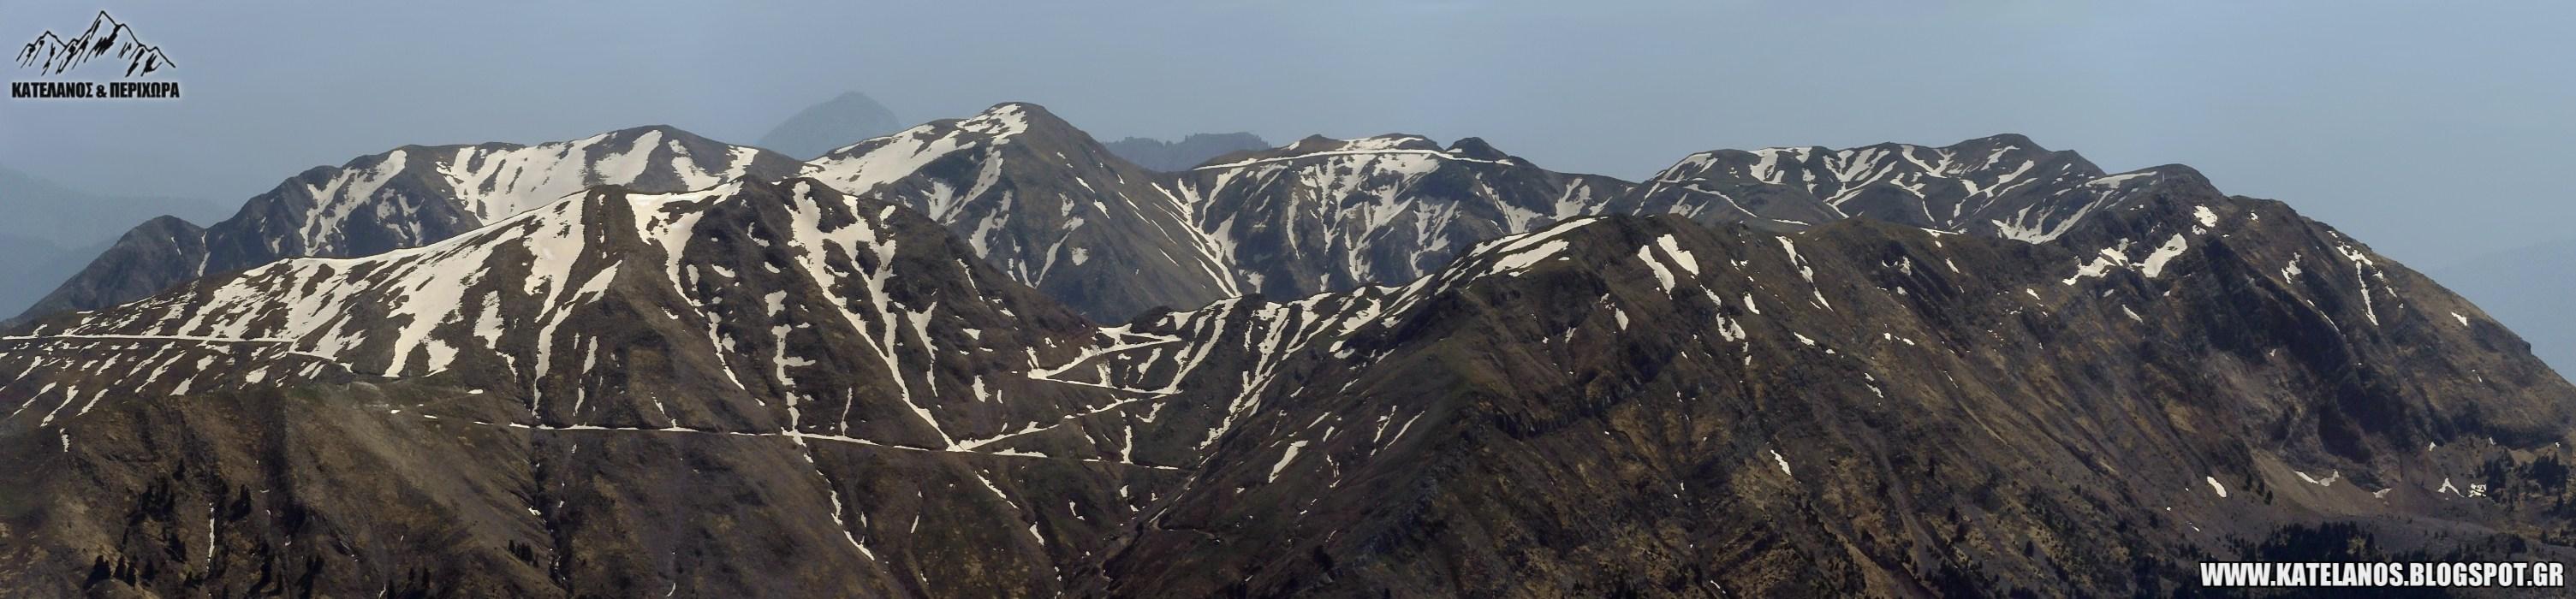 τσουμα κοκκινολακκος βουνο κοκκινολακος αρτας κοκκινα στεφάνια χιονουρες